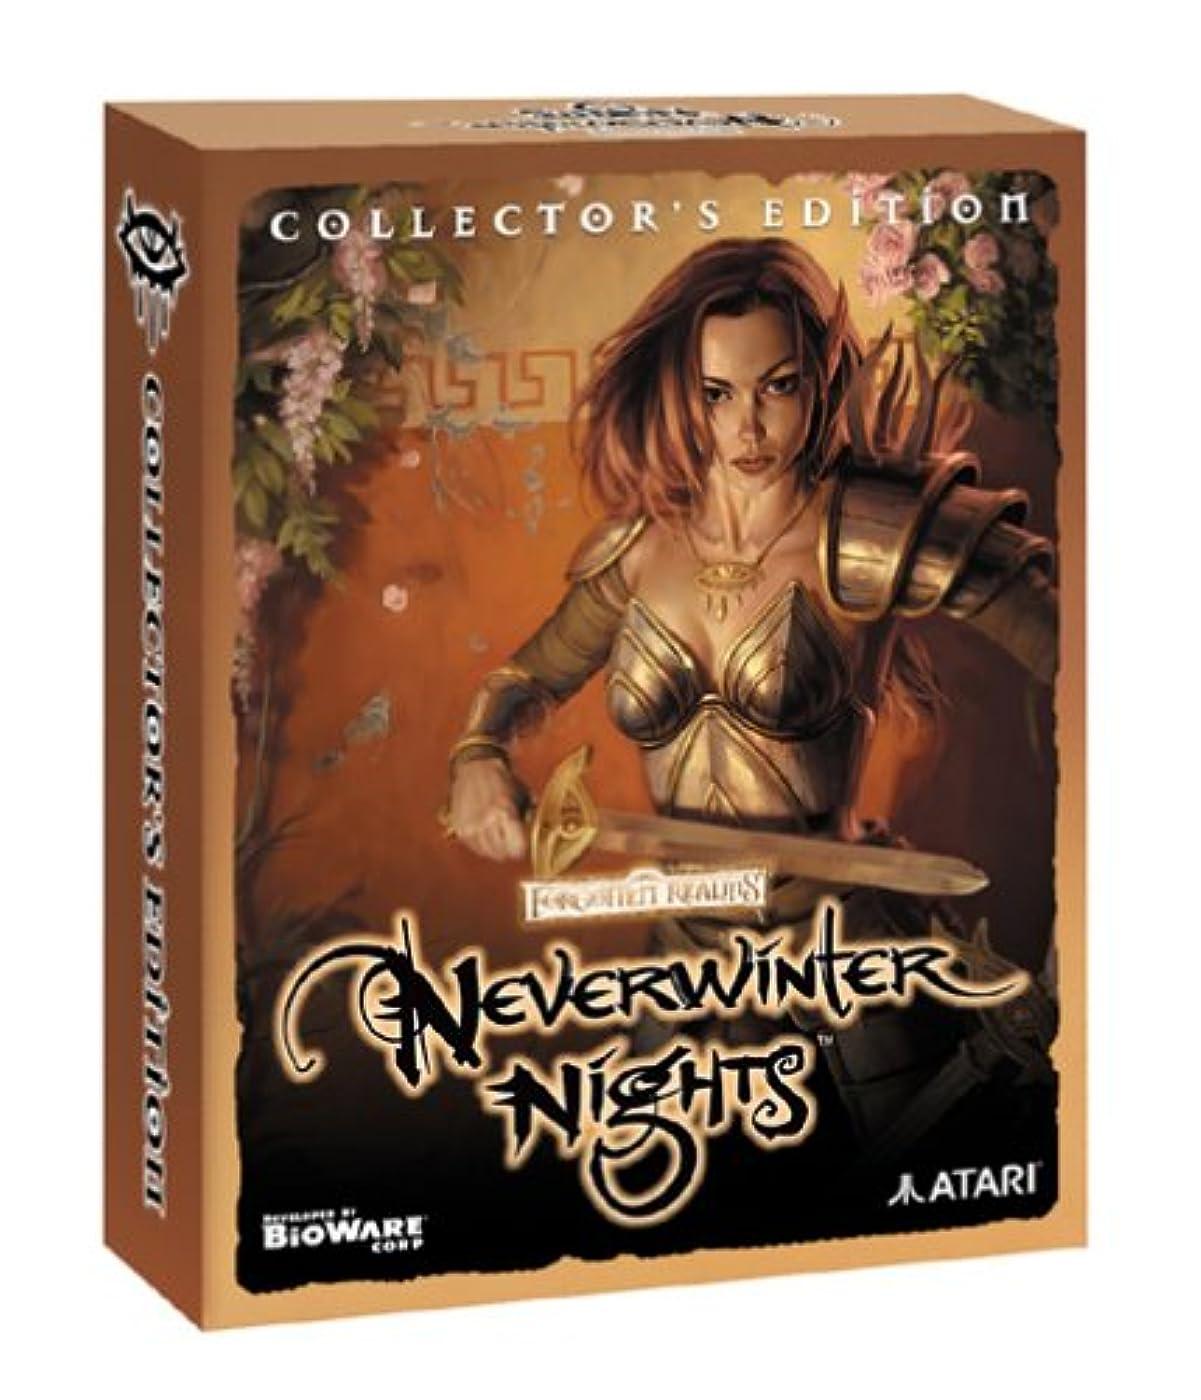 運搬アナリスト現在Neverwinter Nights Collector's Edition (輸入版)